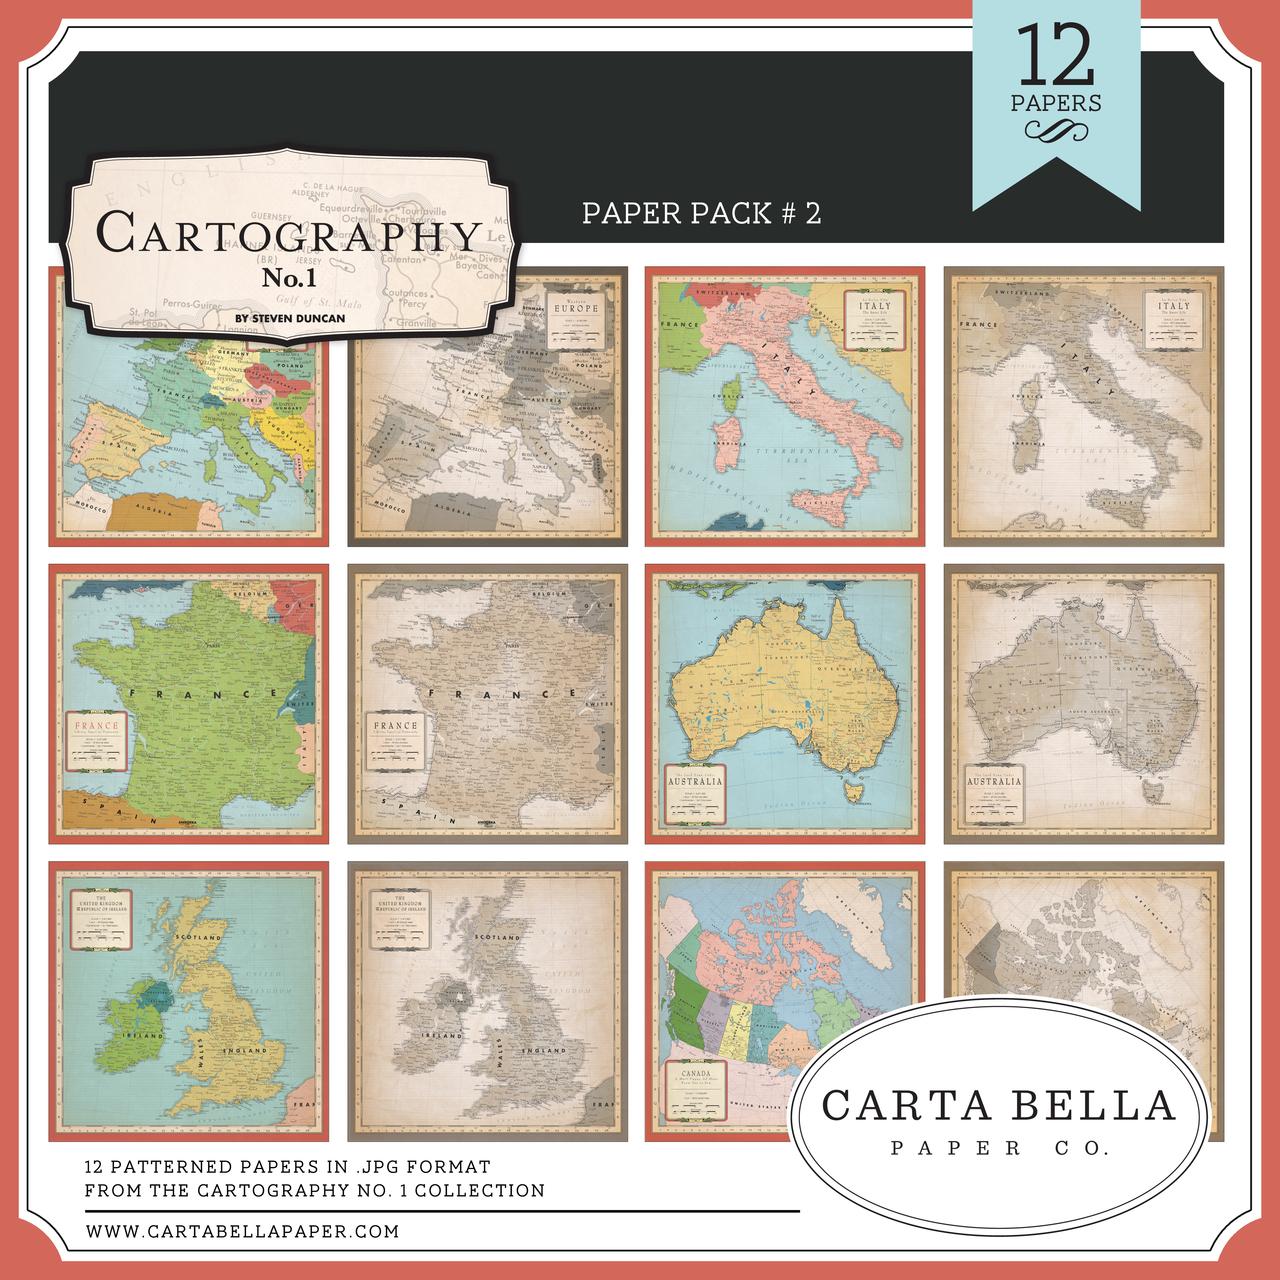 Cartography No. 1 Mega Collection